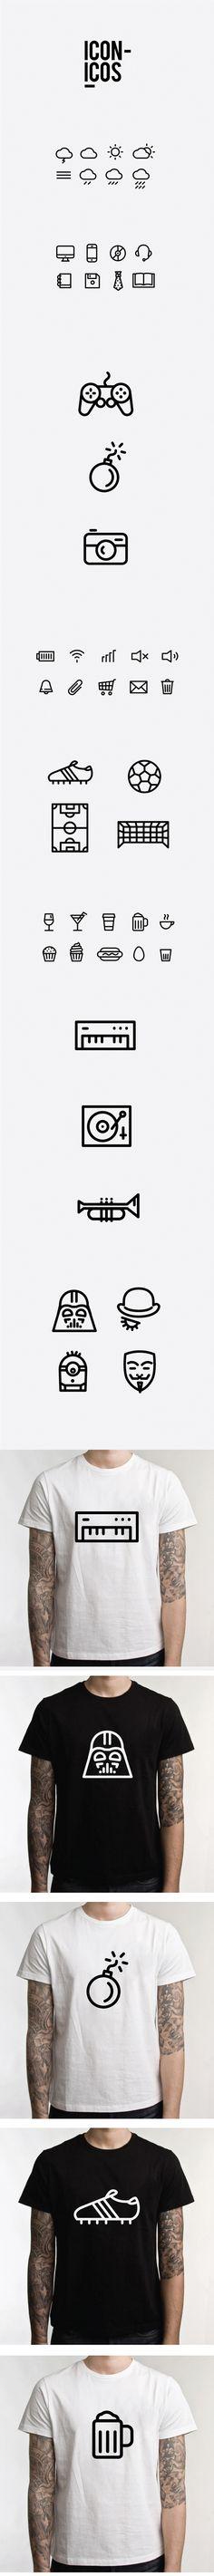 ICONICOS, disseny de pictogrames versàtils per a utilitzar en apps, samarretes, cartells i altres suports gràfics. D'Adrián Heras.